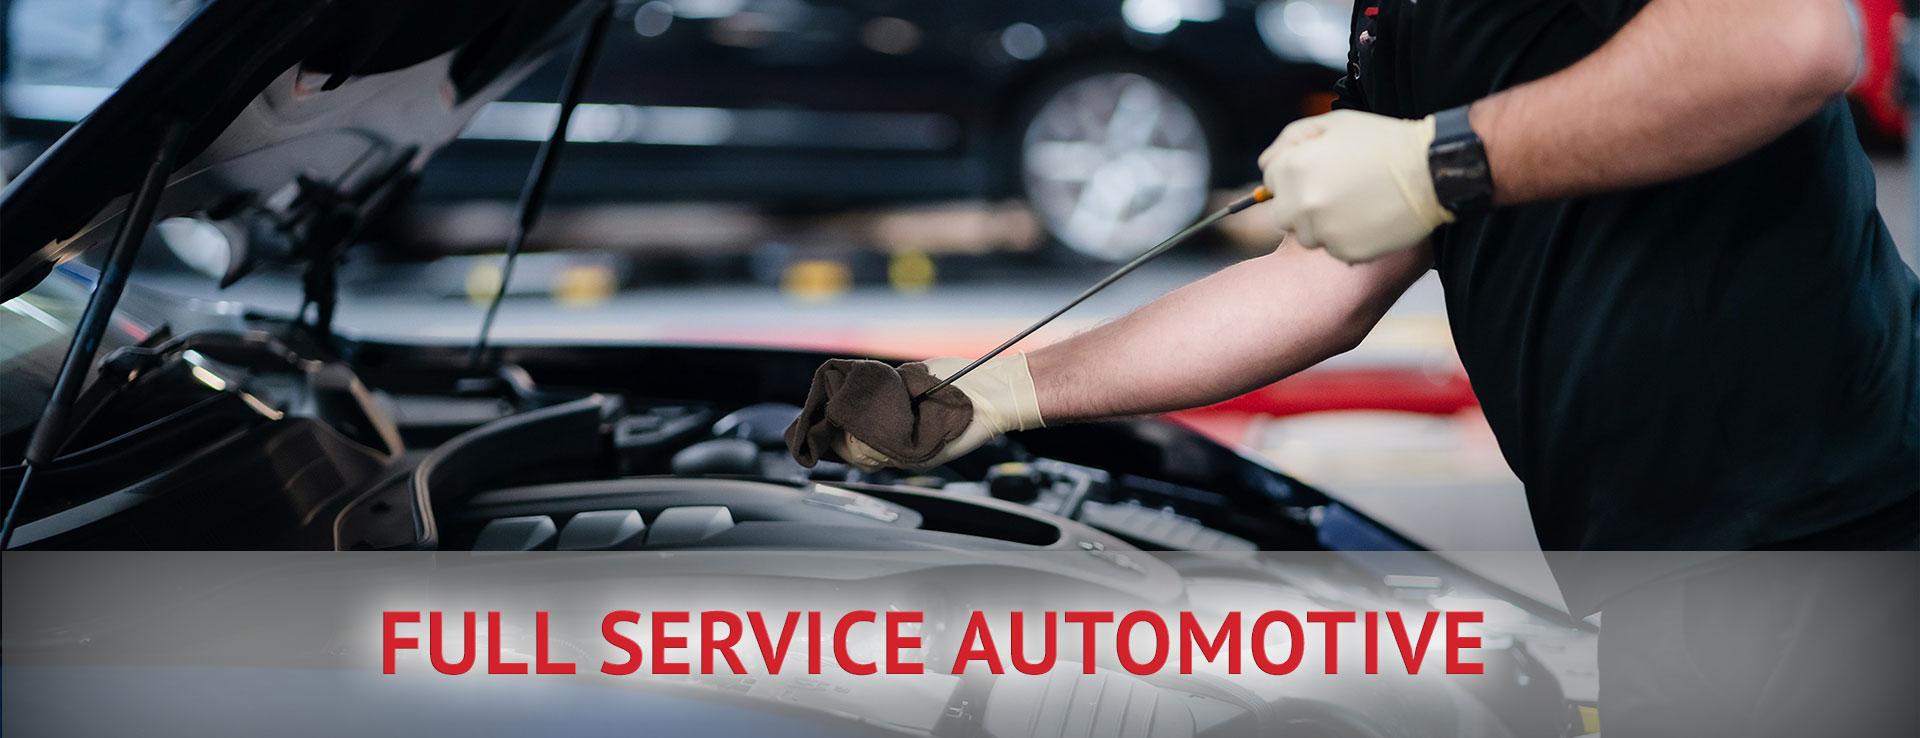 SRQ Autos Service Specials Coupons